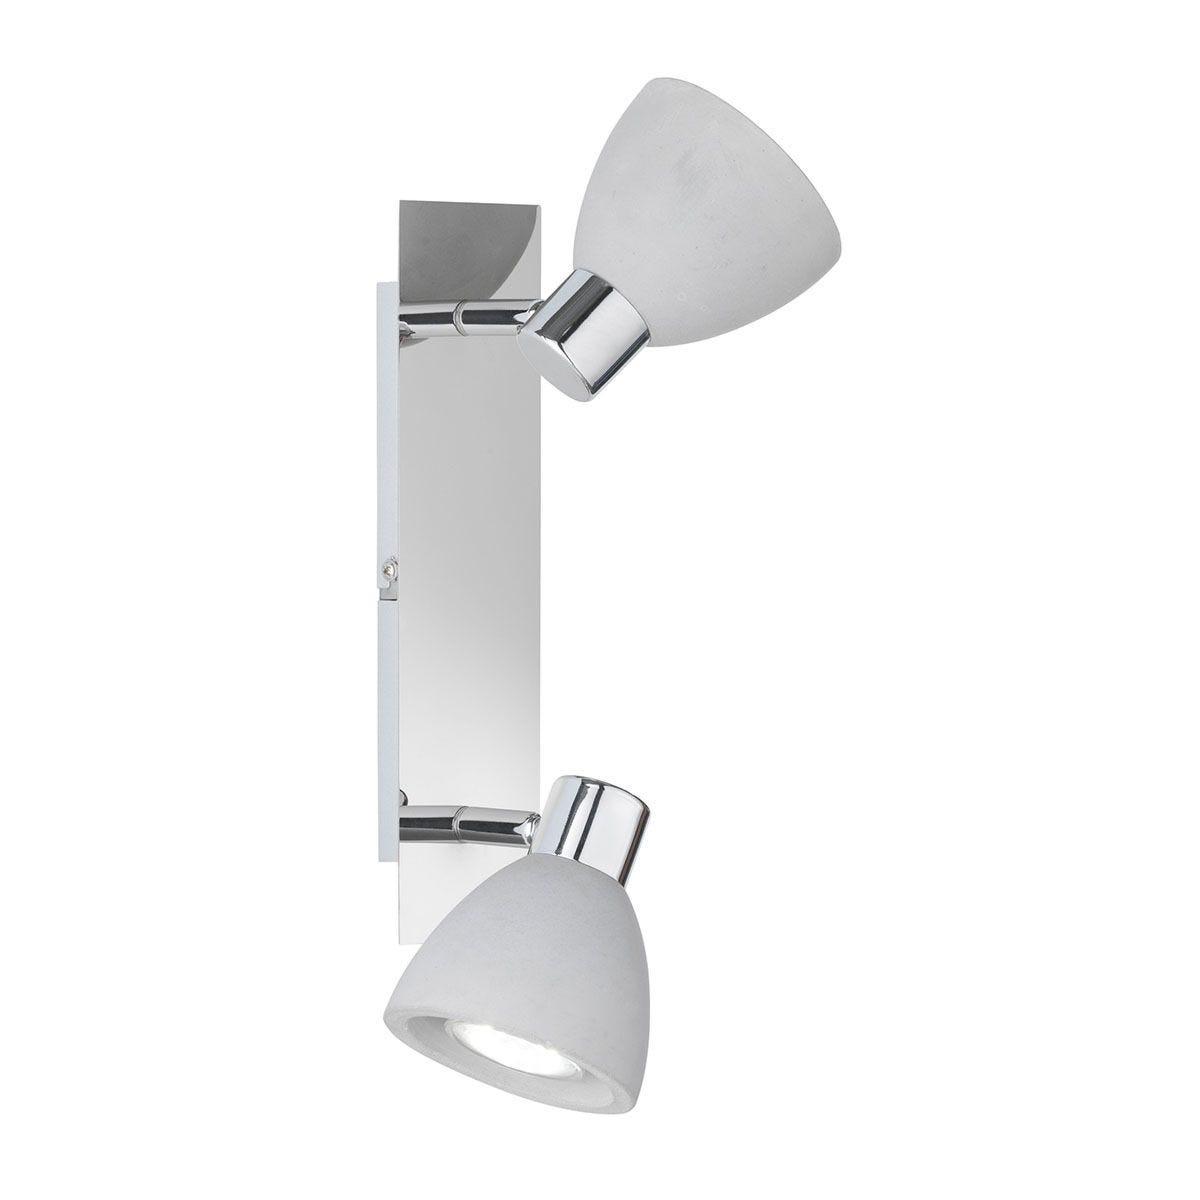 Wofi Veria 2 Wall Lamp - Grey